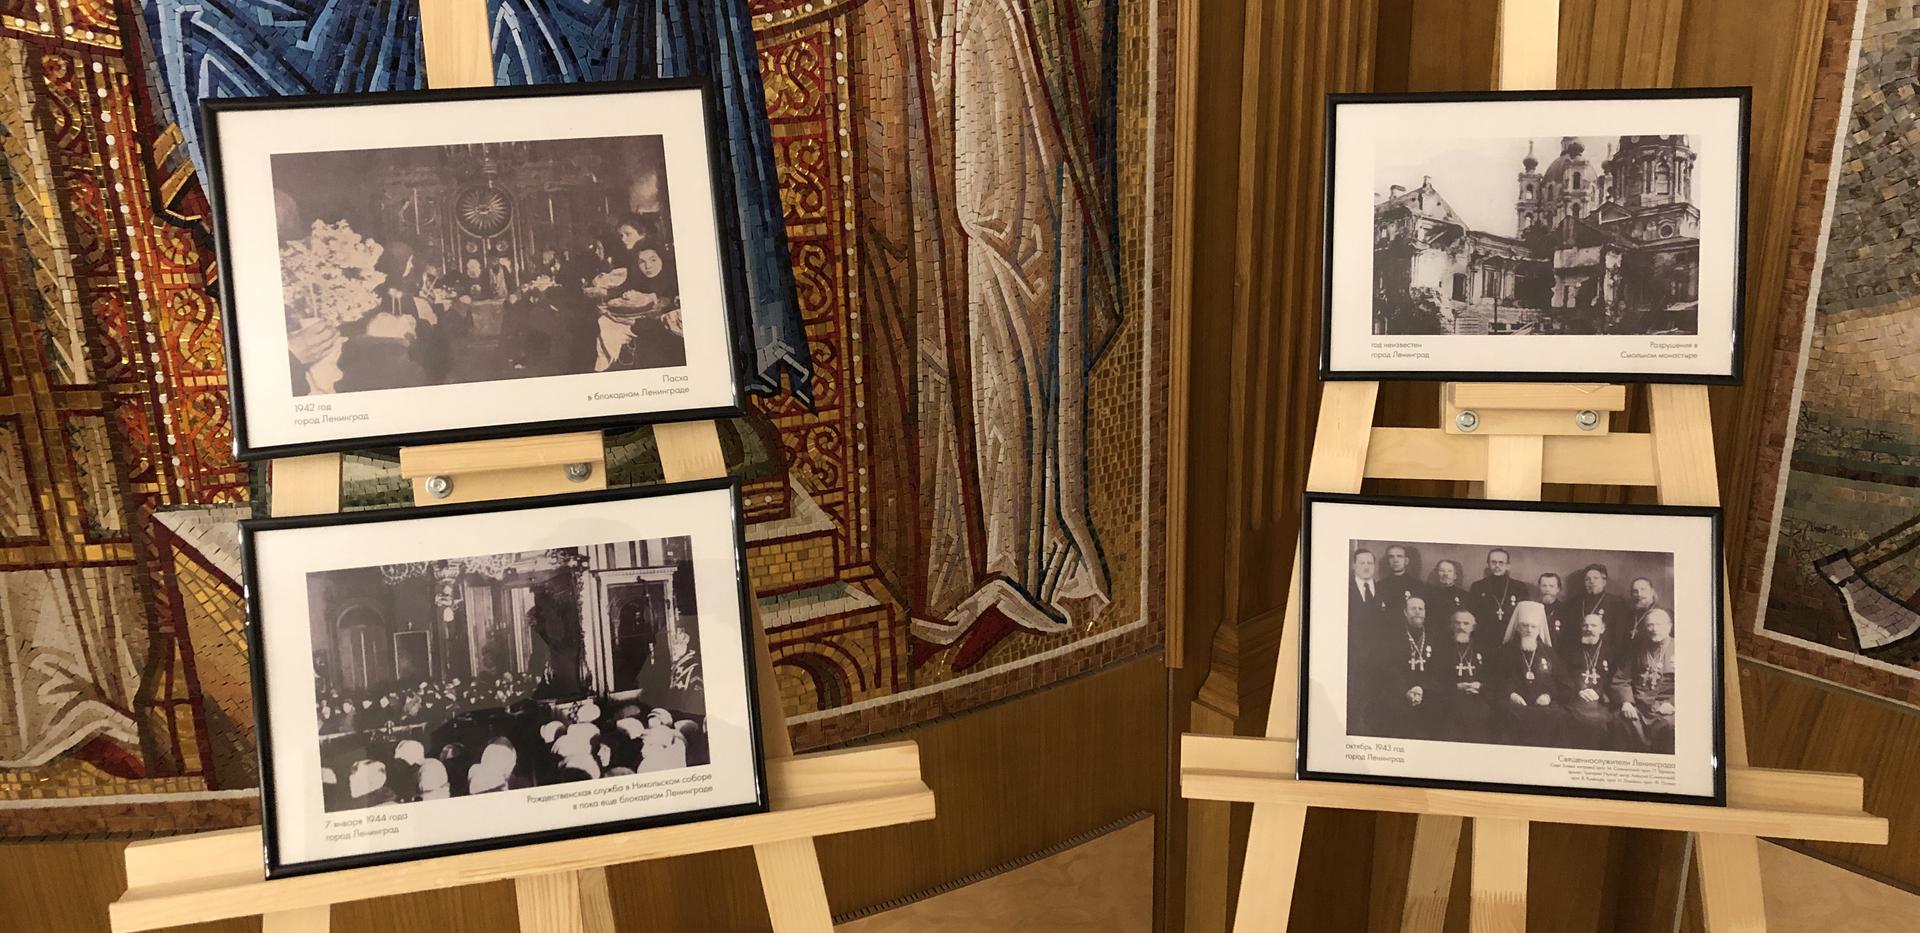 Состаялось открытие выставки, посвященной подвигу русского духовенства в годы Великой Отечественной войны